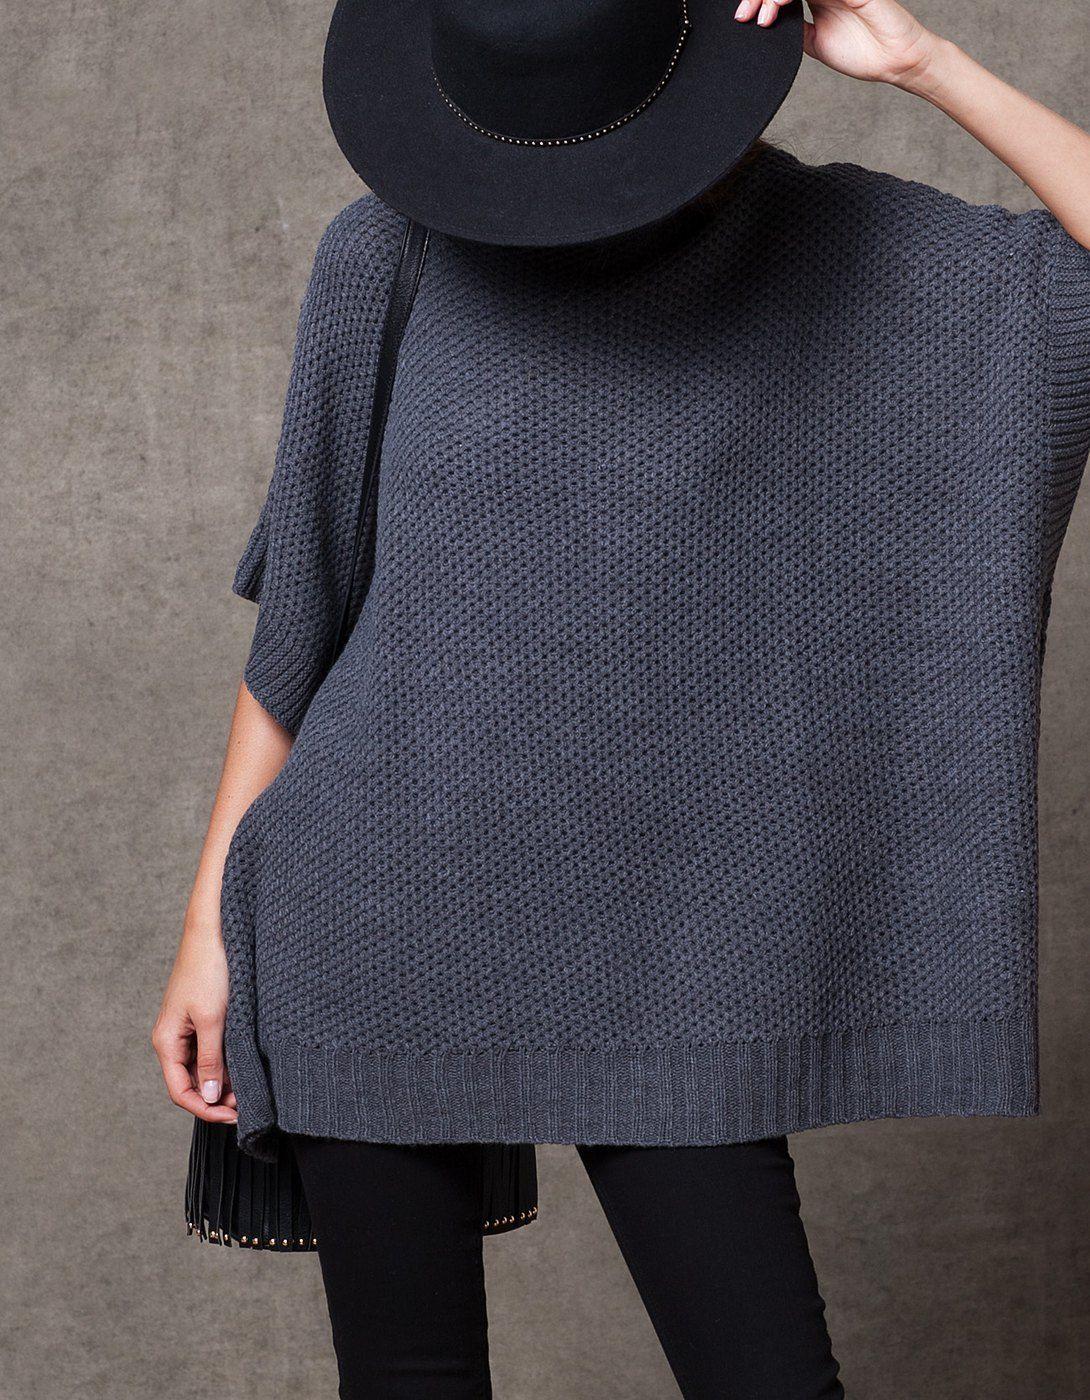 Camisola capa tricô